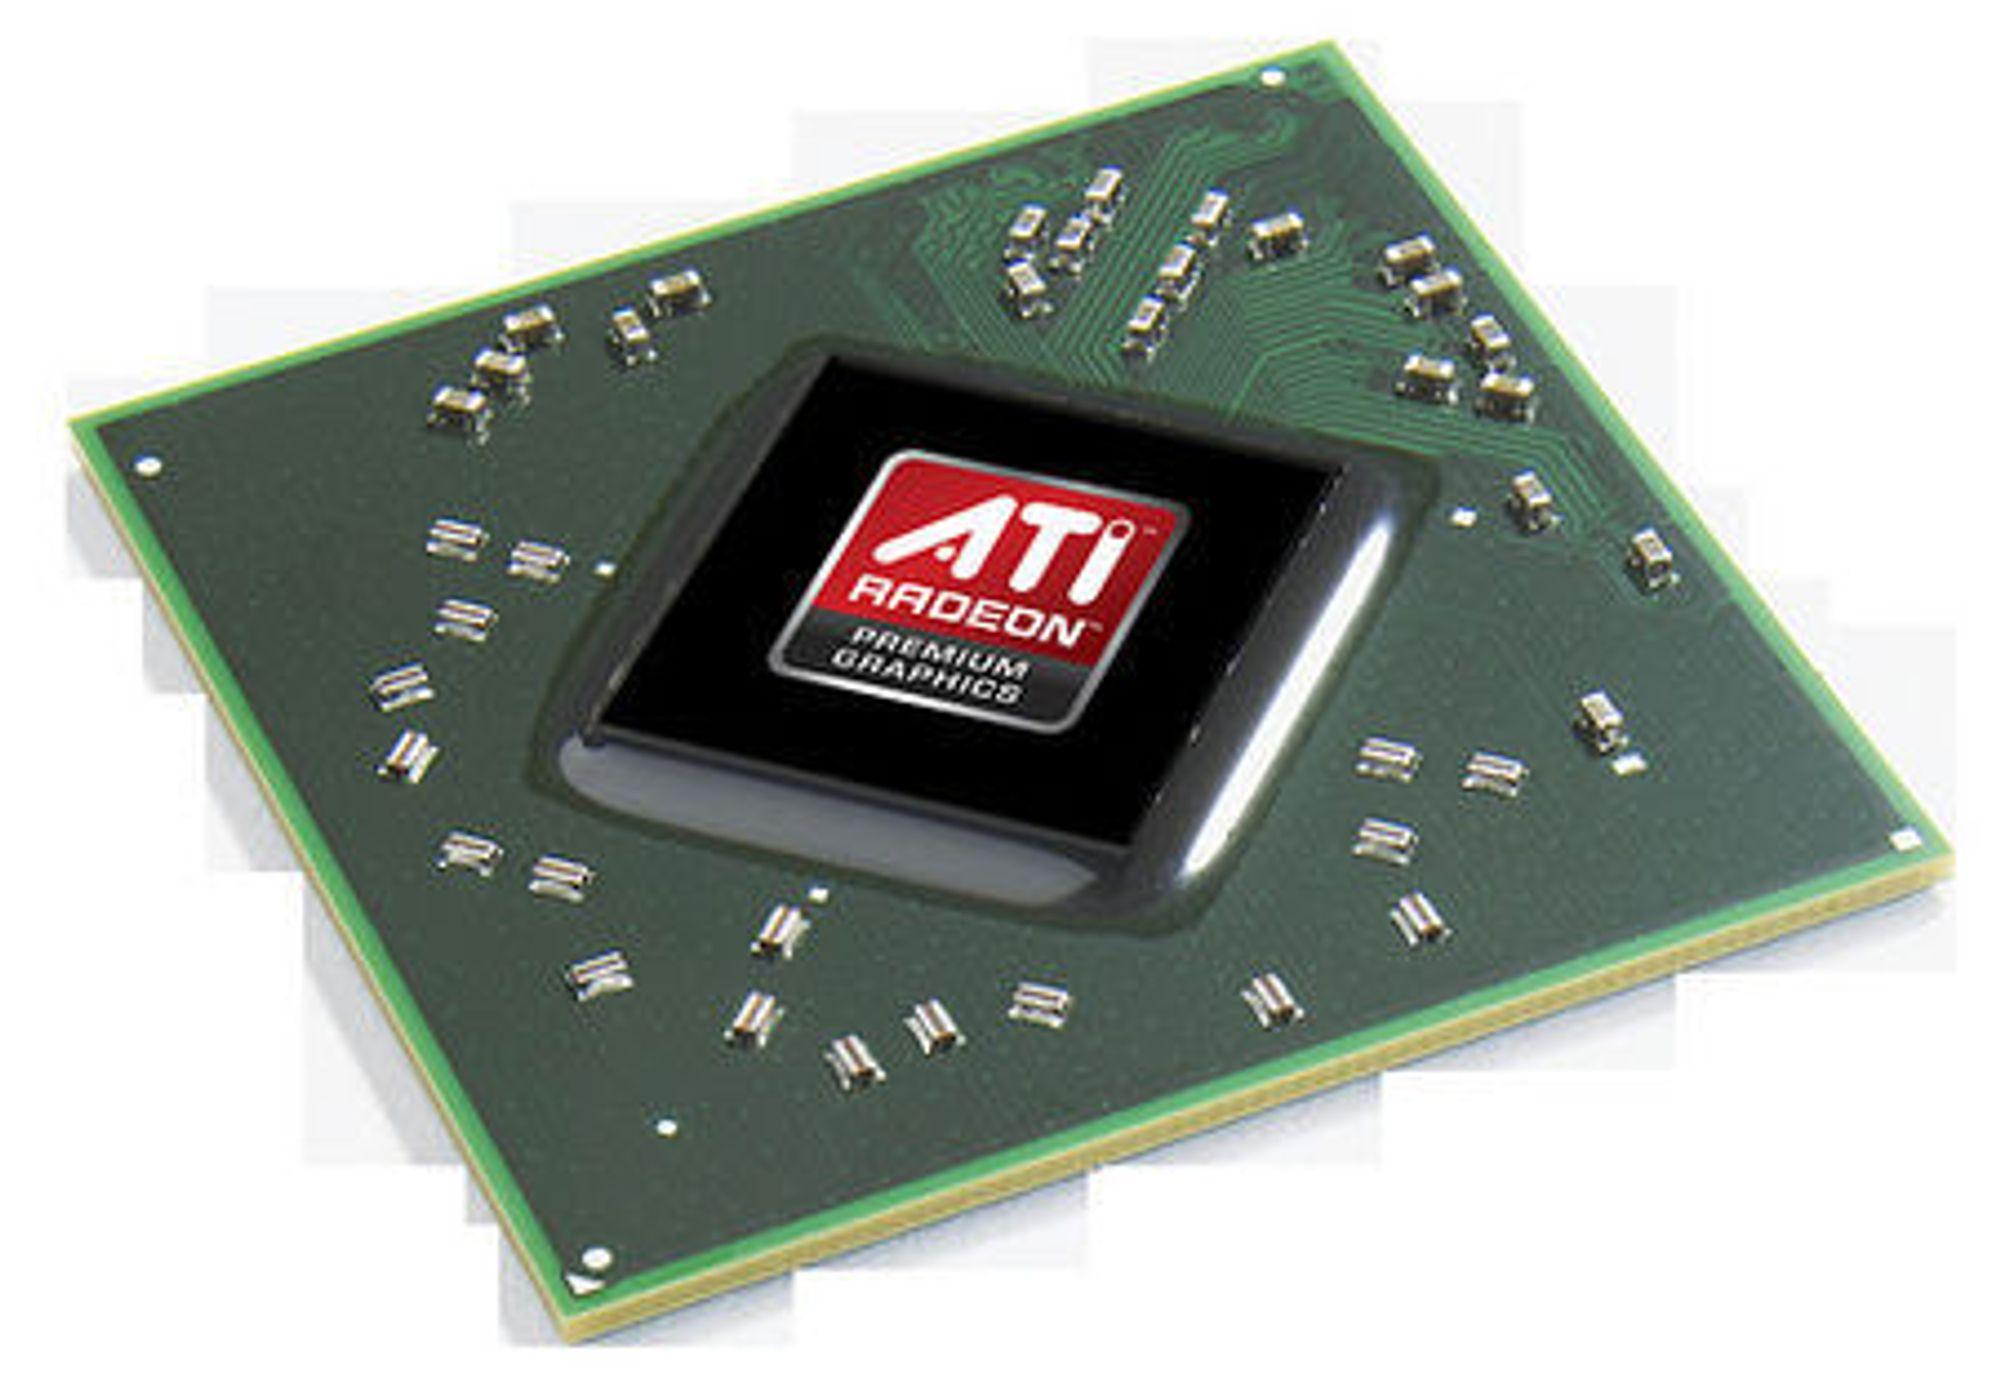 AMD ATI Mobility Radeon HD 4860